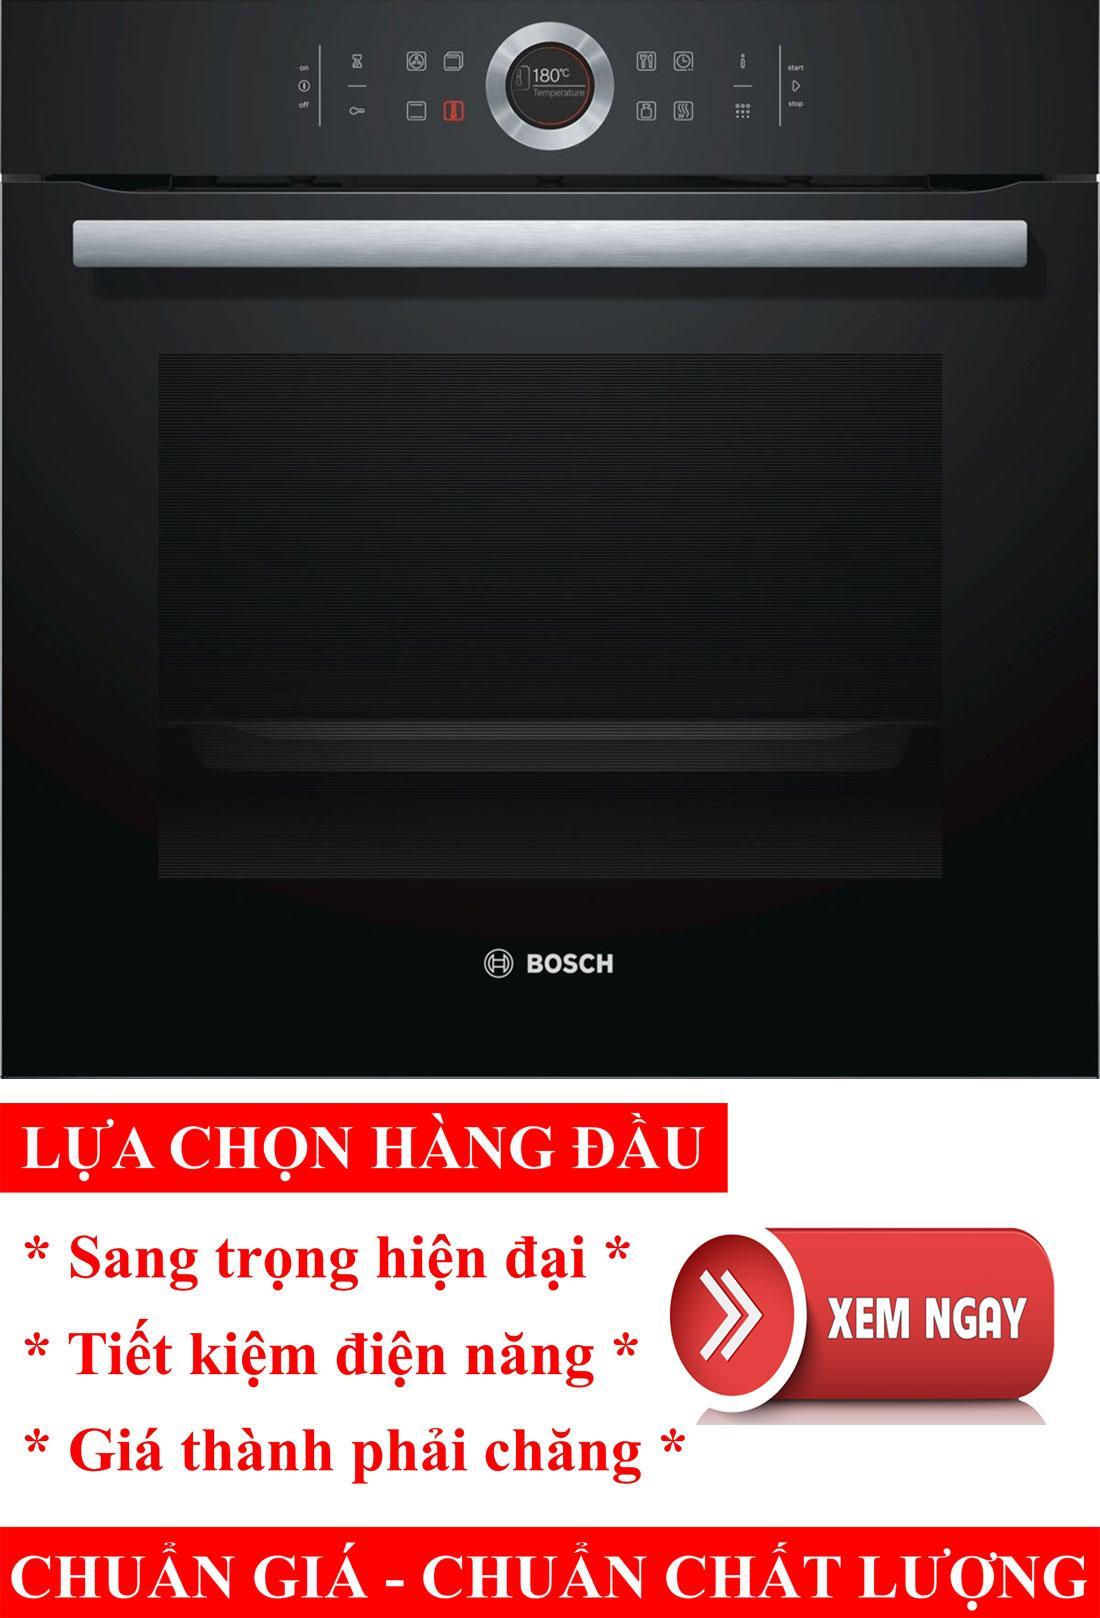 Lò nướng điện đa năng Bosch HBG675BB1, lò nướng điện, lò nướng bánh, lò nướng thủy tinh, lò nướng bánh mì, lò nướng bánh bông lan